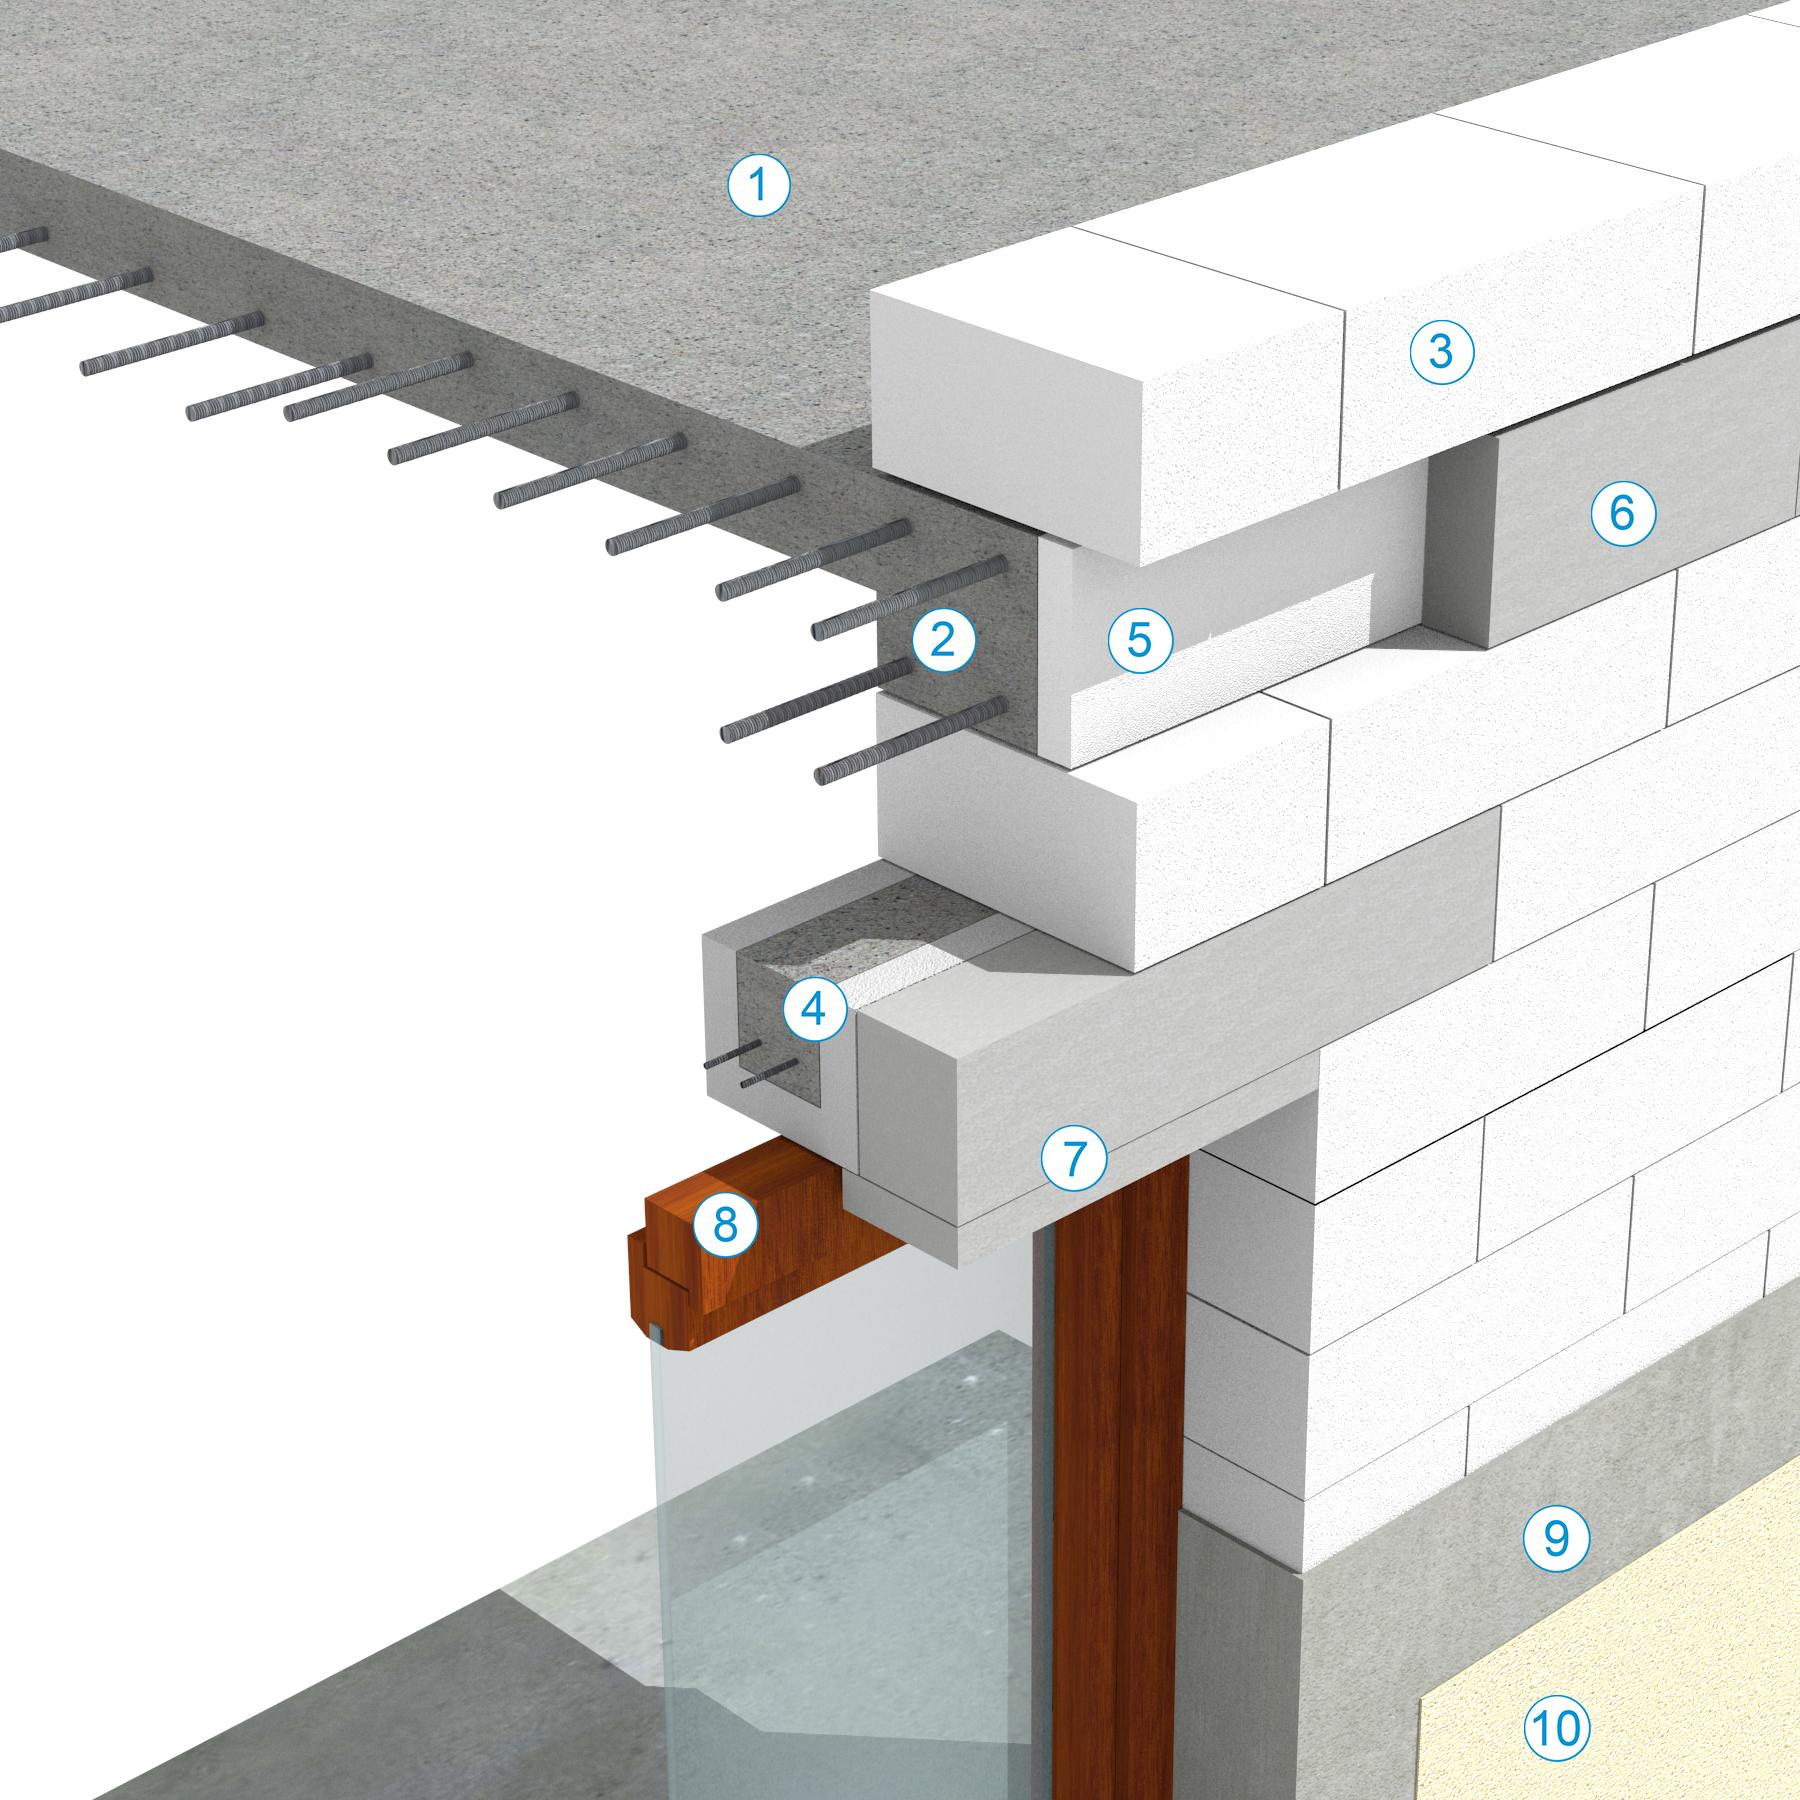 Detaliu  de buiandrug realizat din profil U si centura placata cu elemente de placare - Sistem de zidarie confinata din BCA Macon pentru constructii rezidentiale, publice si industriale